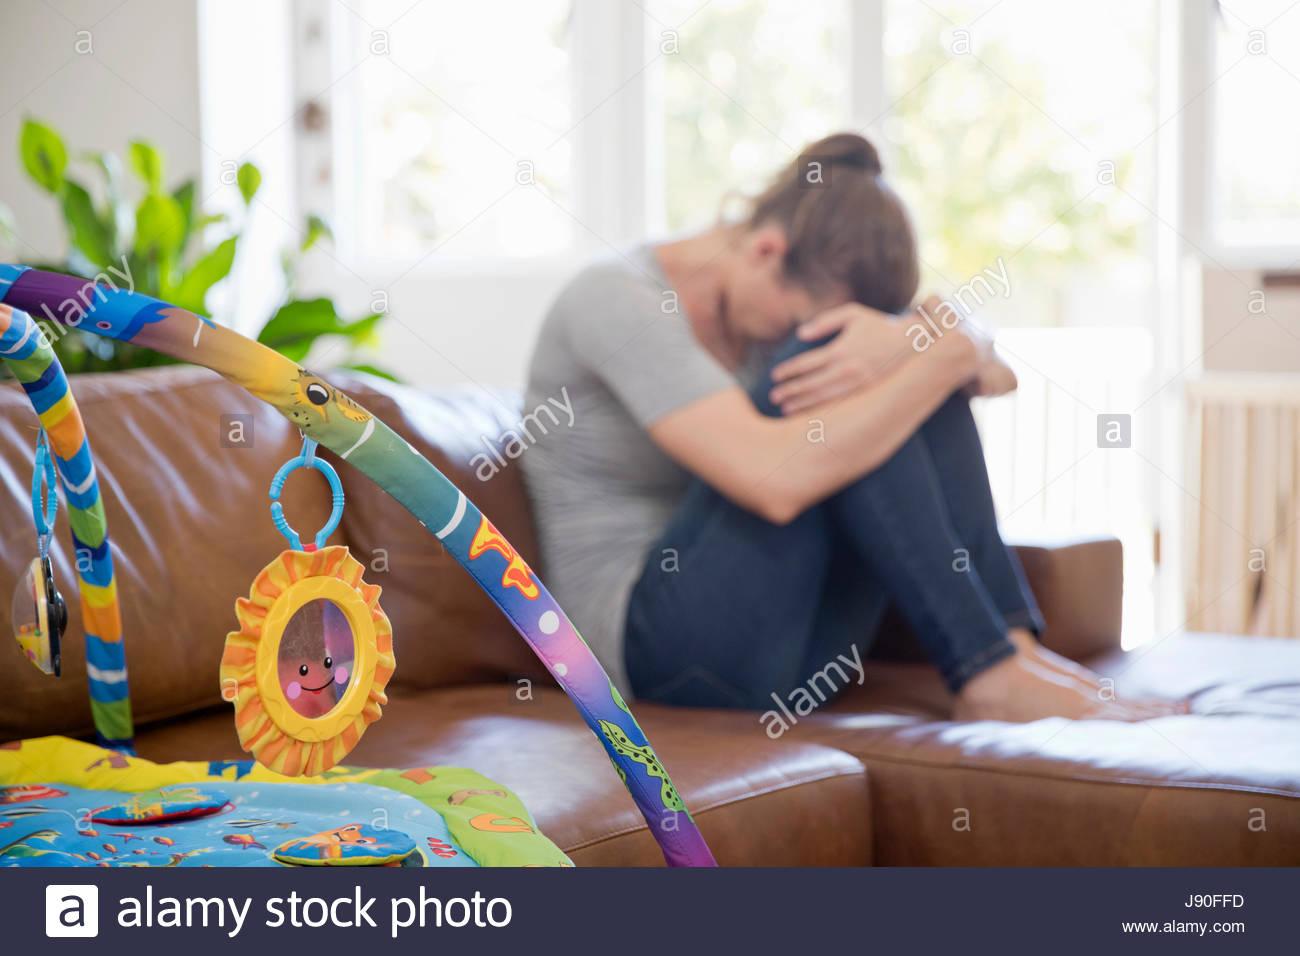 Unglückliche Mutter mit Post-Natal-Depression leiden sitzt auf Sofa Stockbild